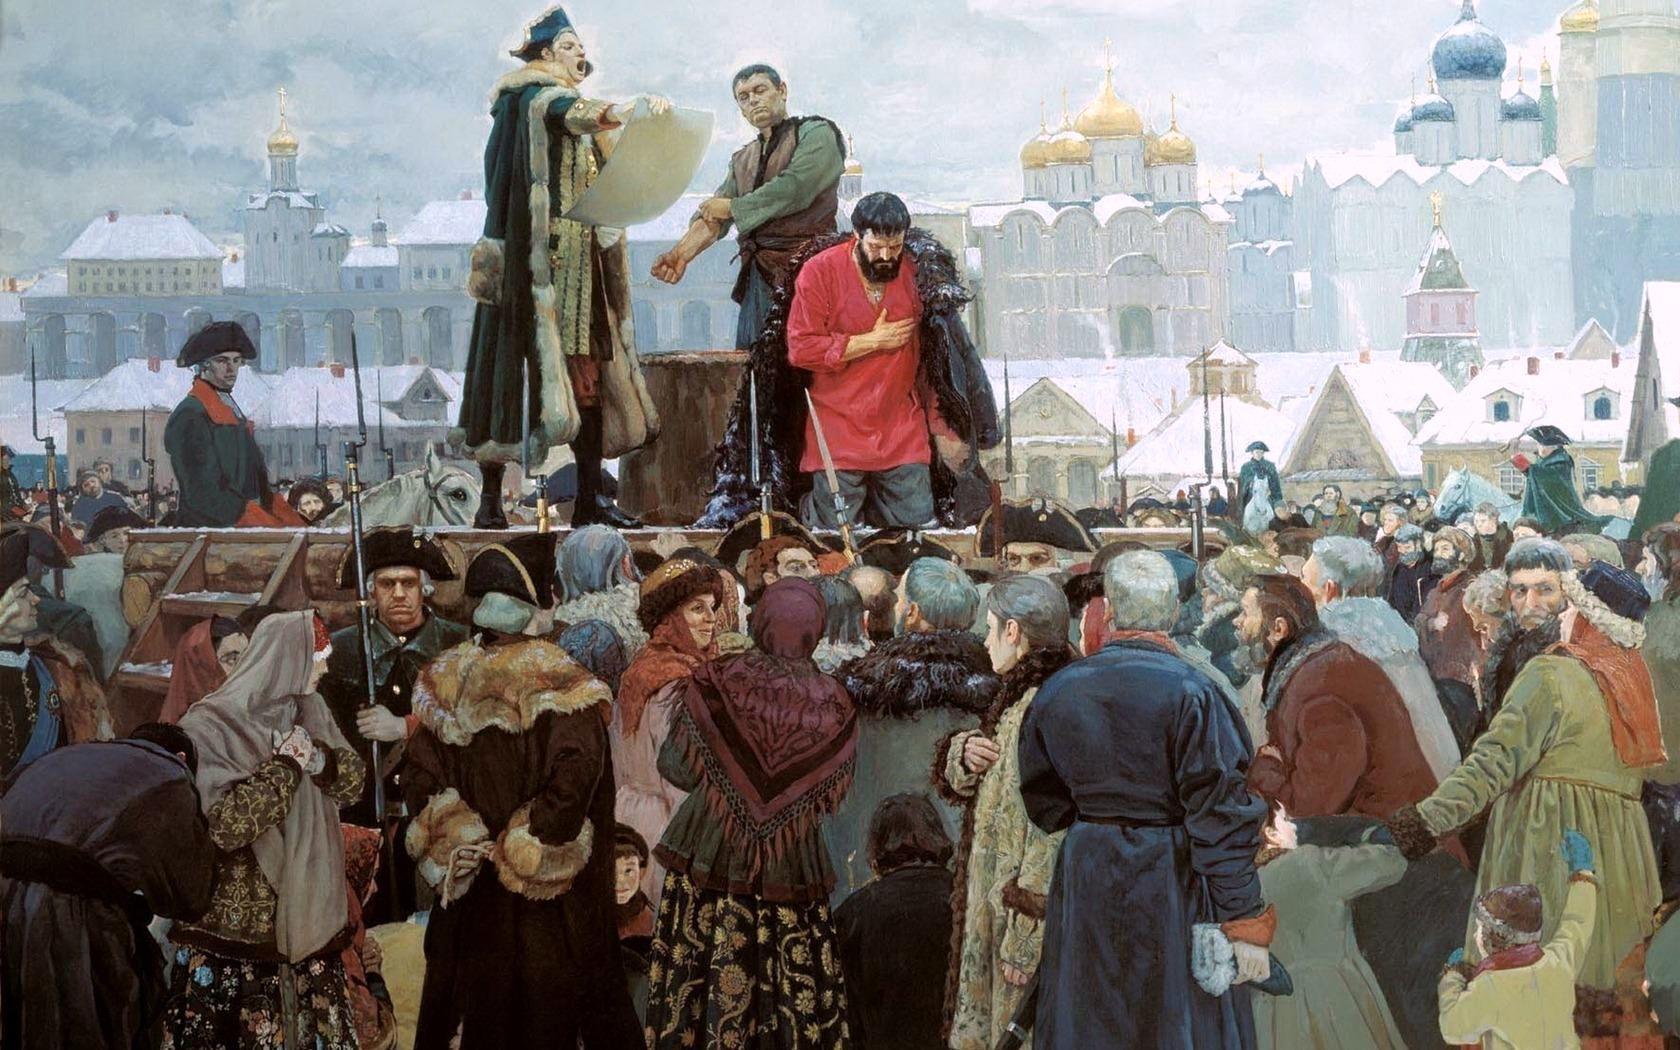 также можете подавлял ли суворов восстание пугачева закажите колеровку